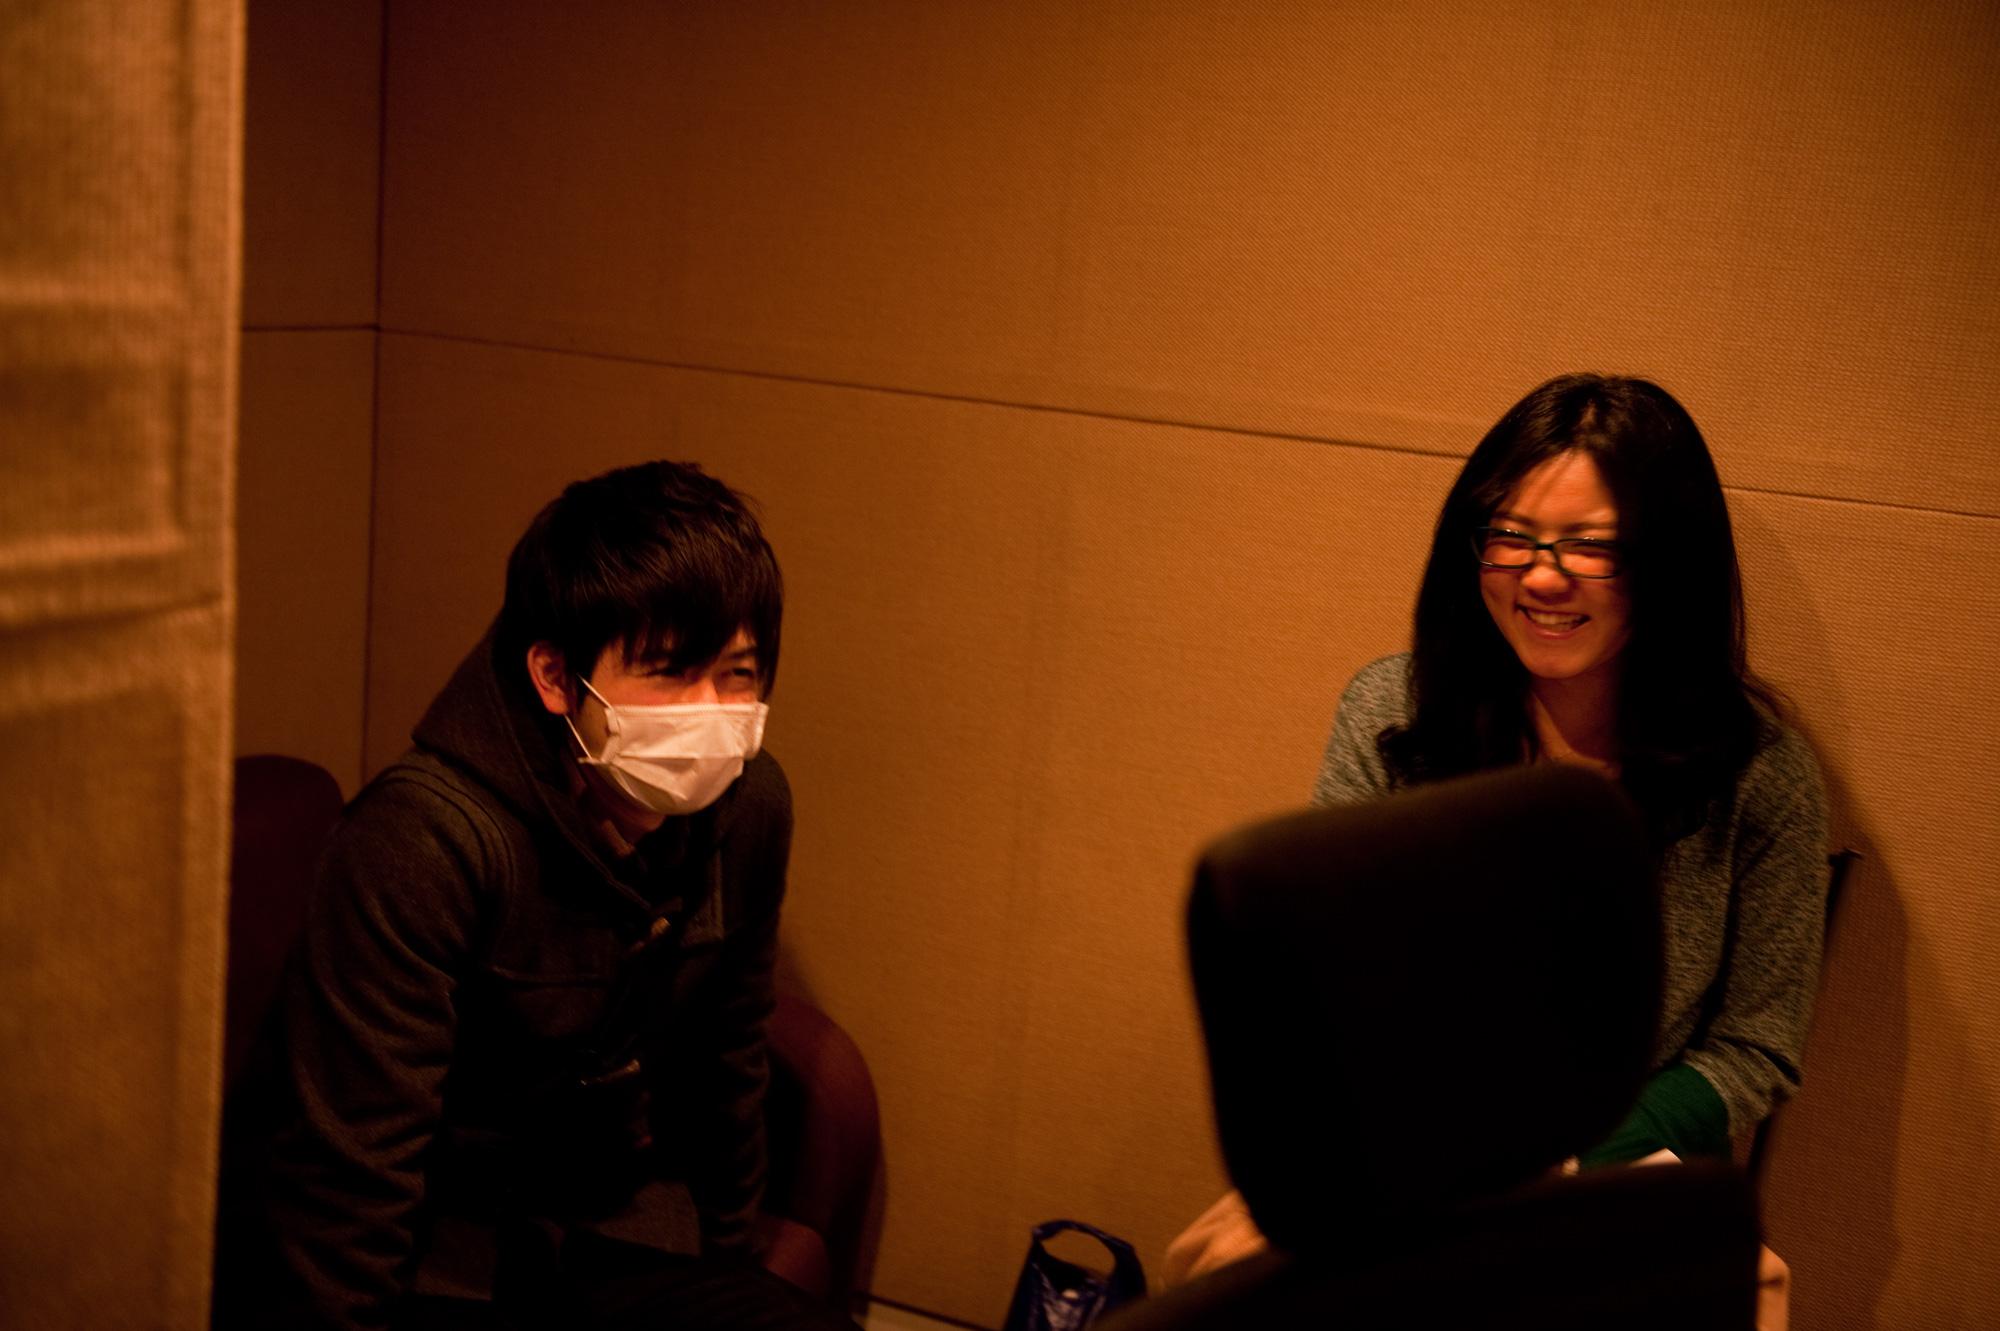 ボイトレ初心者が東京でボーカルレッスンを受けてCDデビューするまで(第三弾)